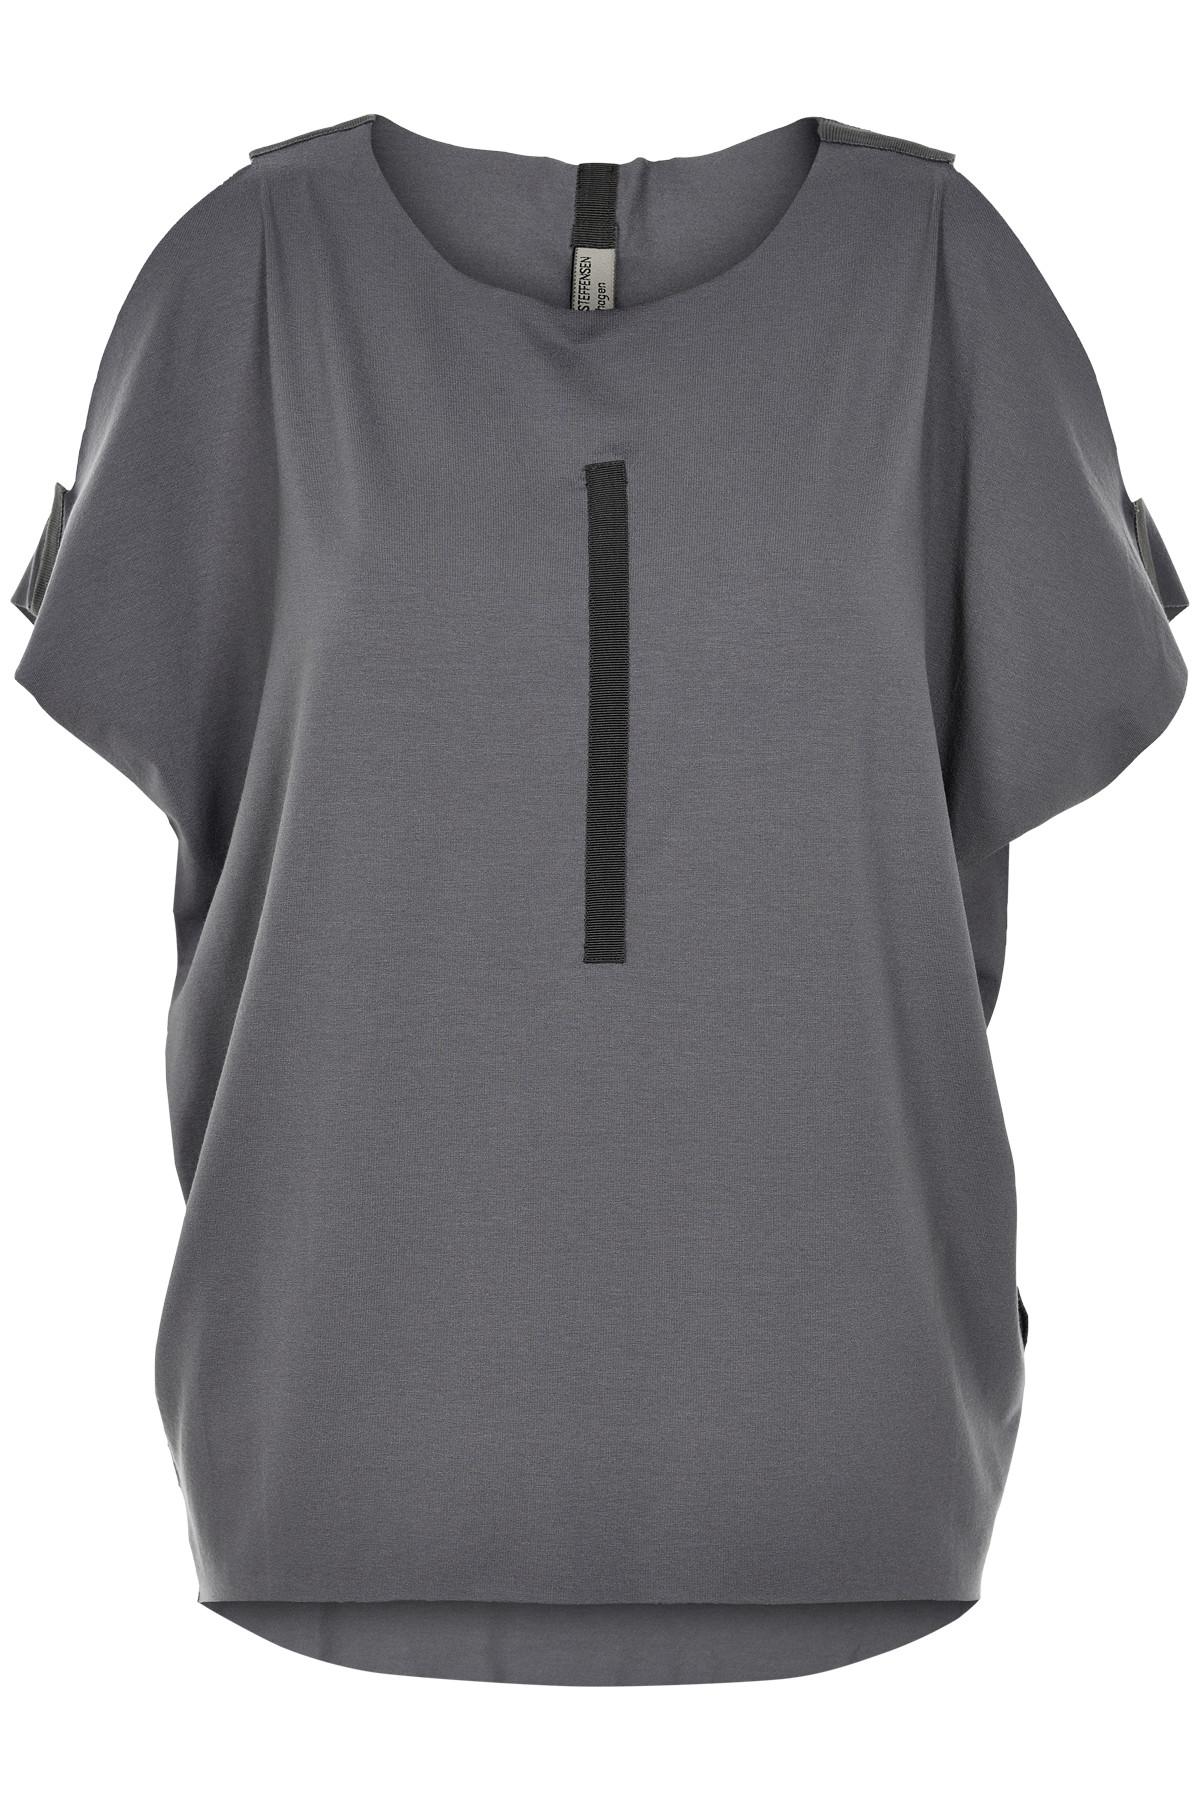 Image of   HENRIETTE STEFFENSEN Copenhagen 6010 T-SHIRT GREY (Grey, L)